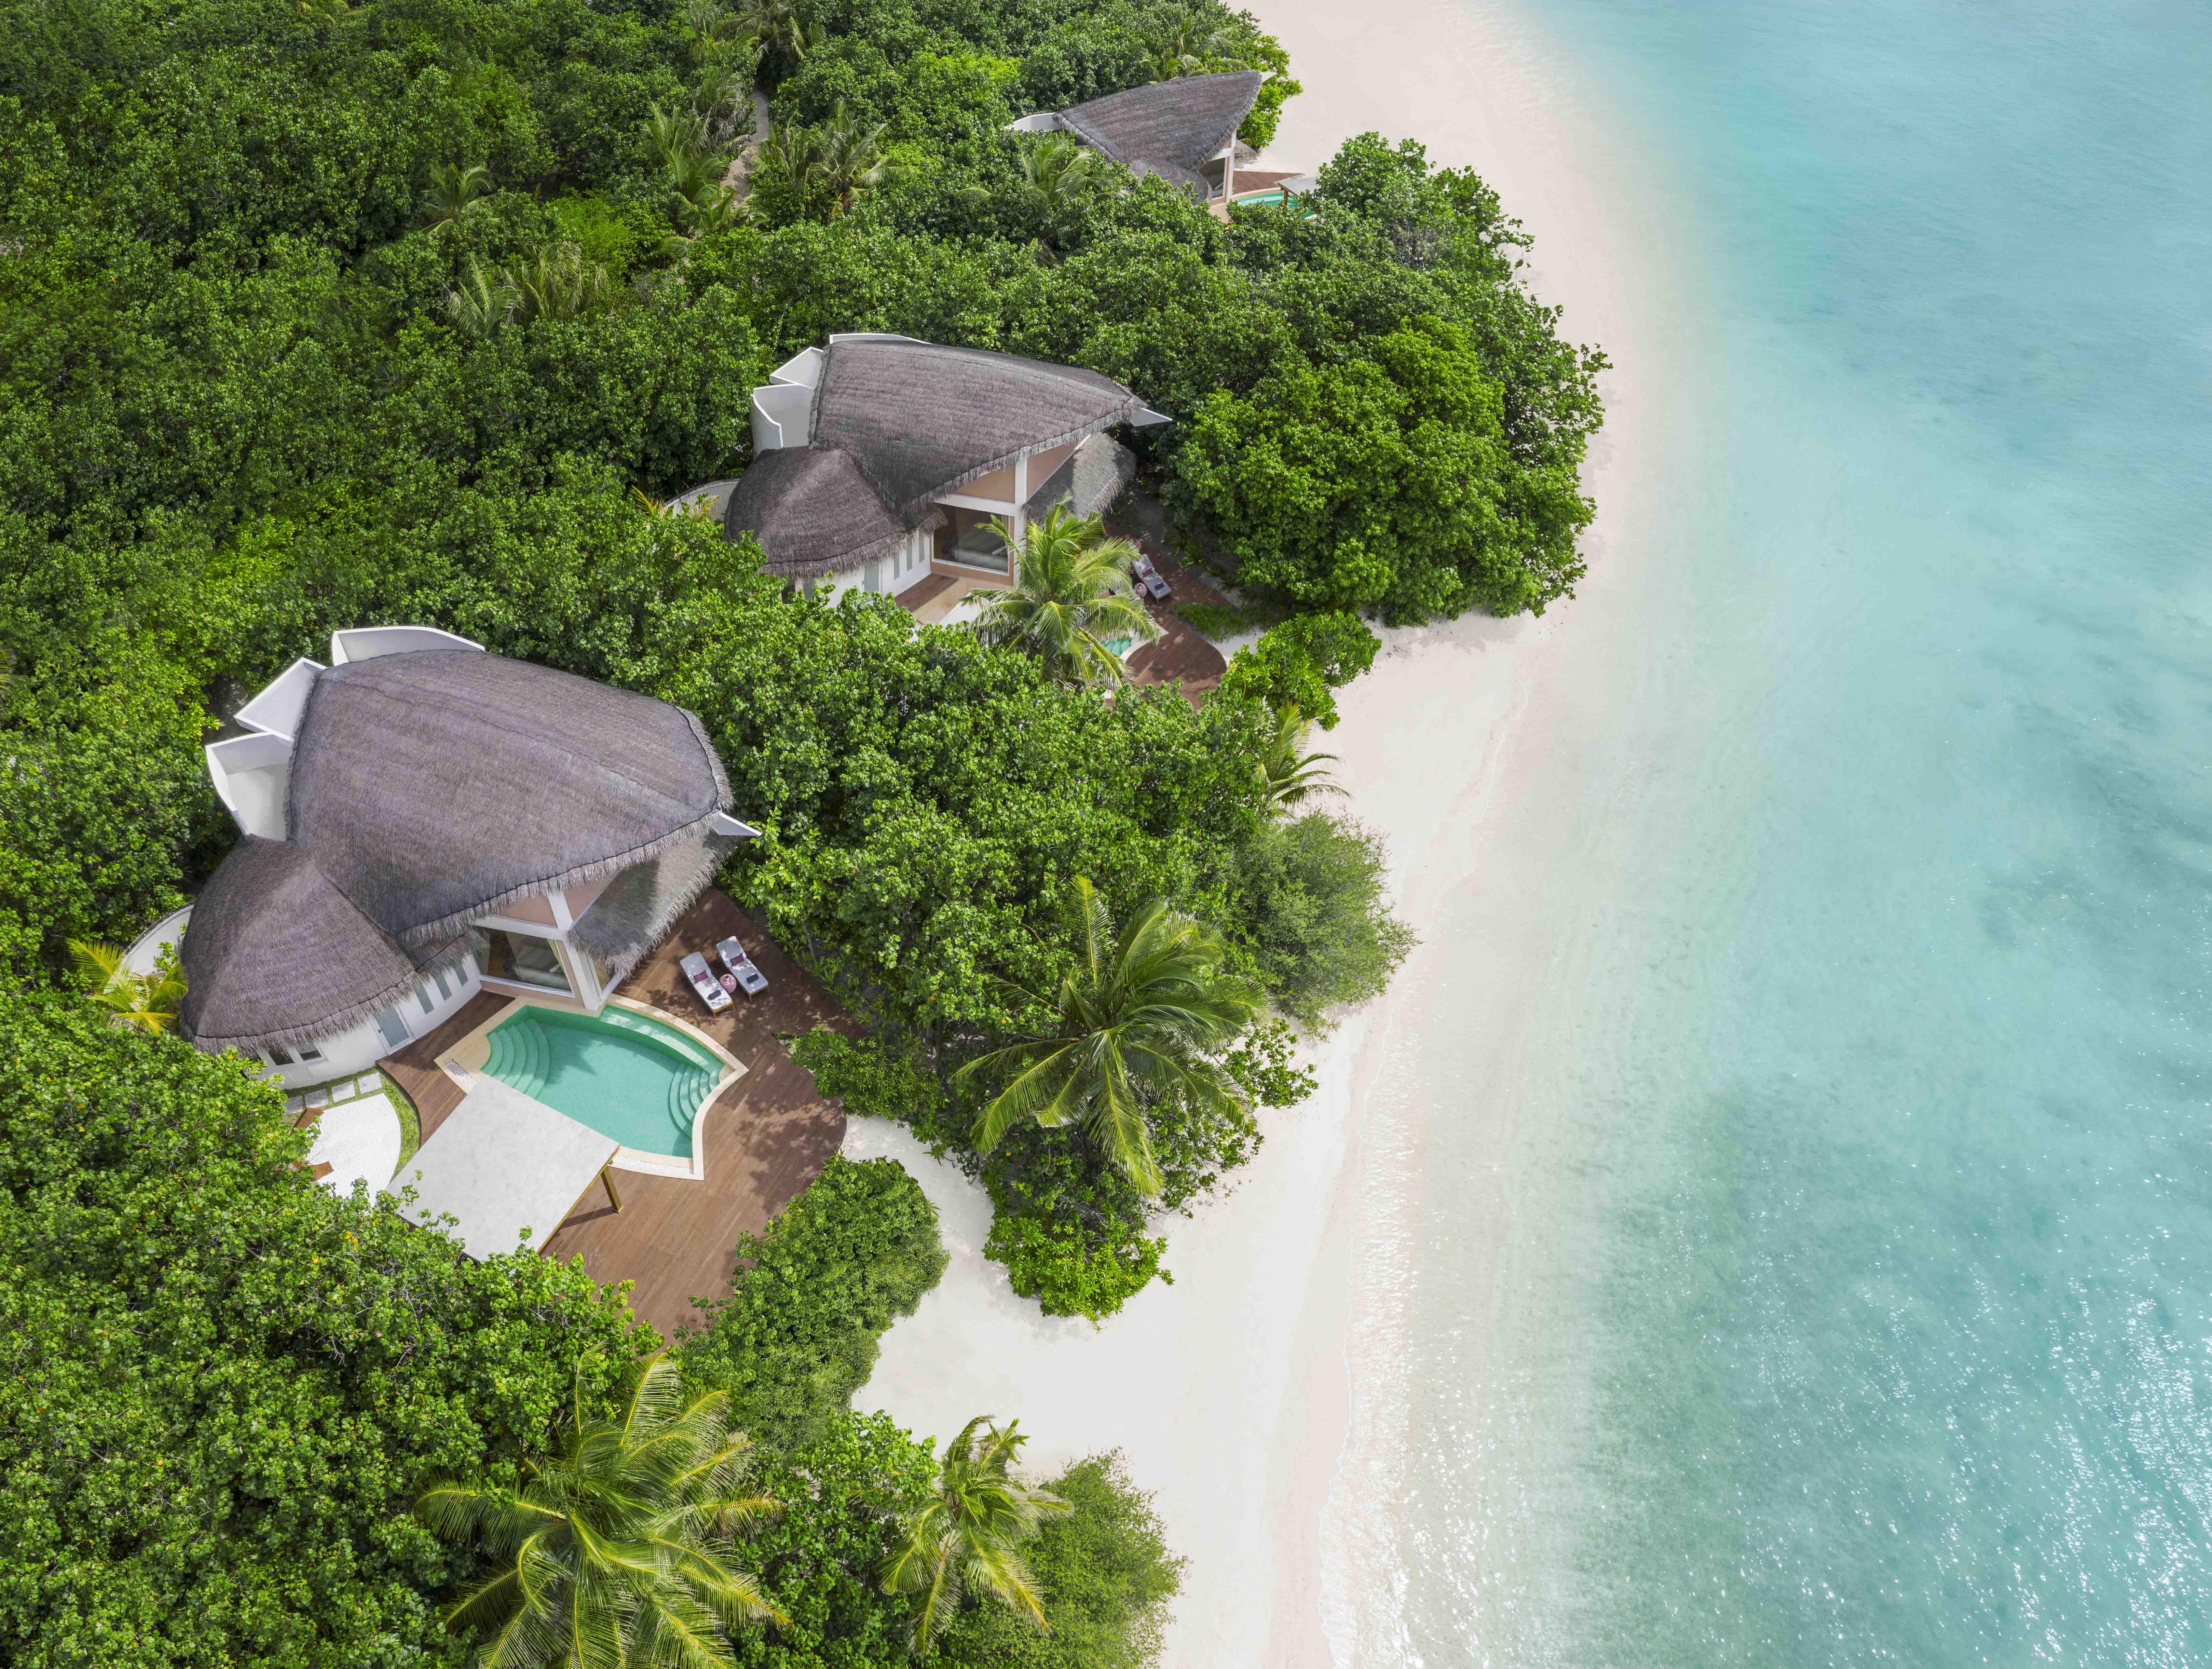 Marriott International Debuts Jw Marriott Maldives Resort